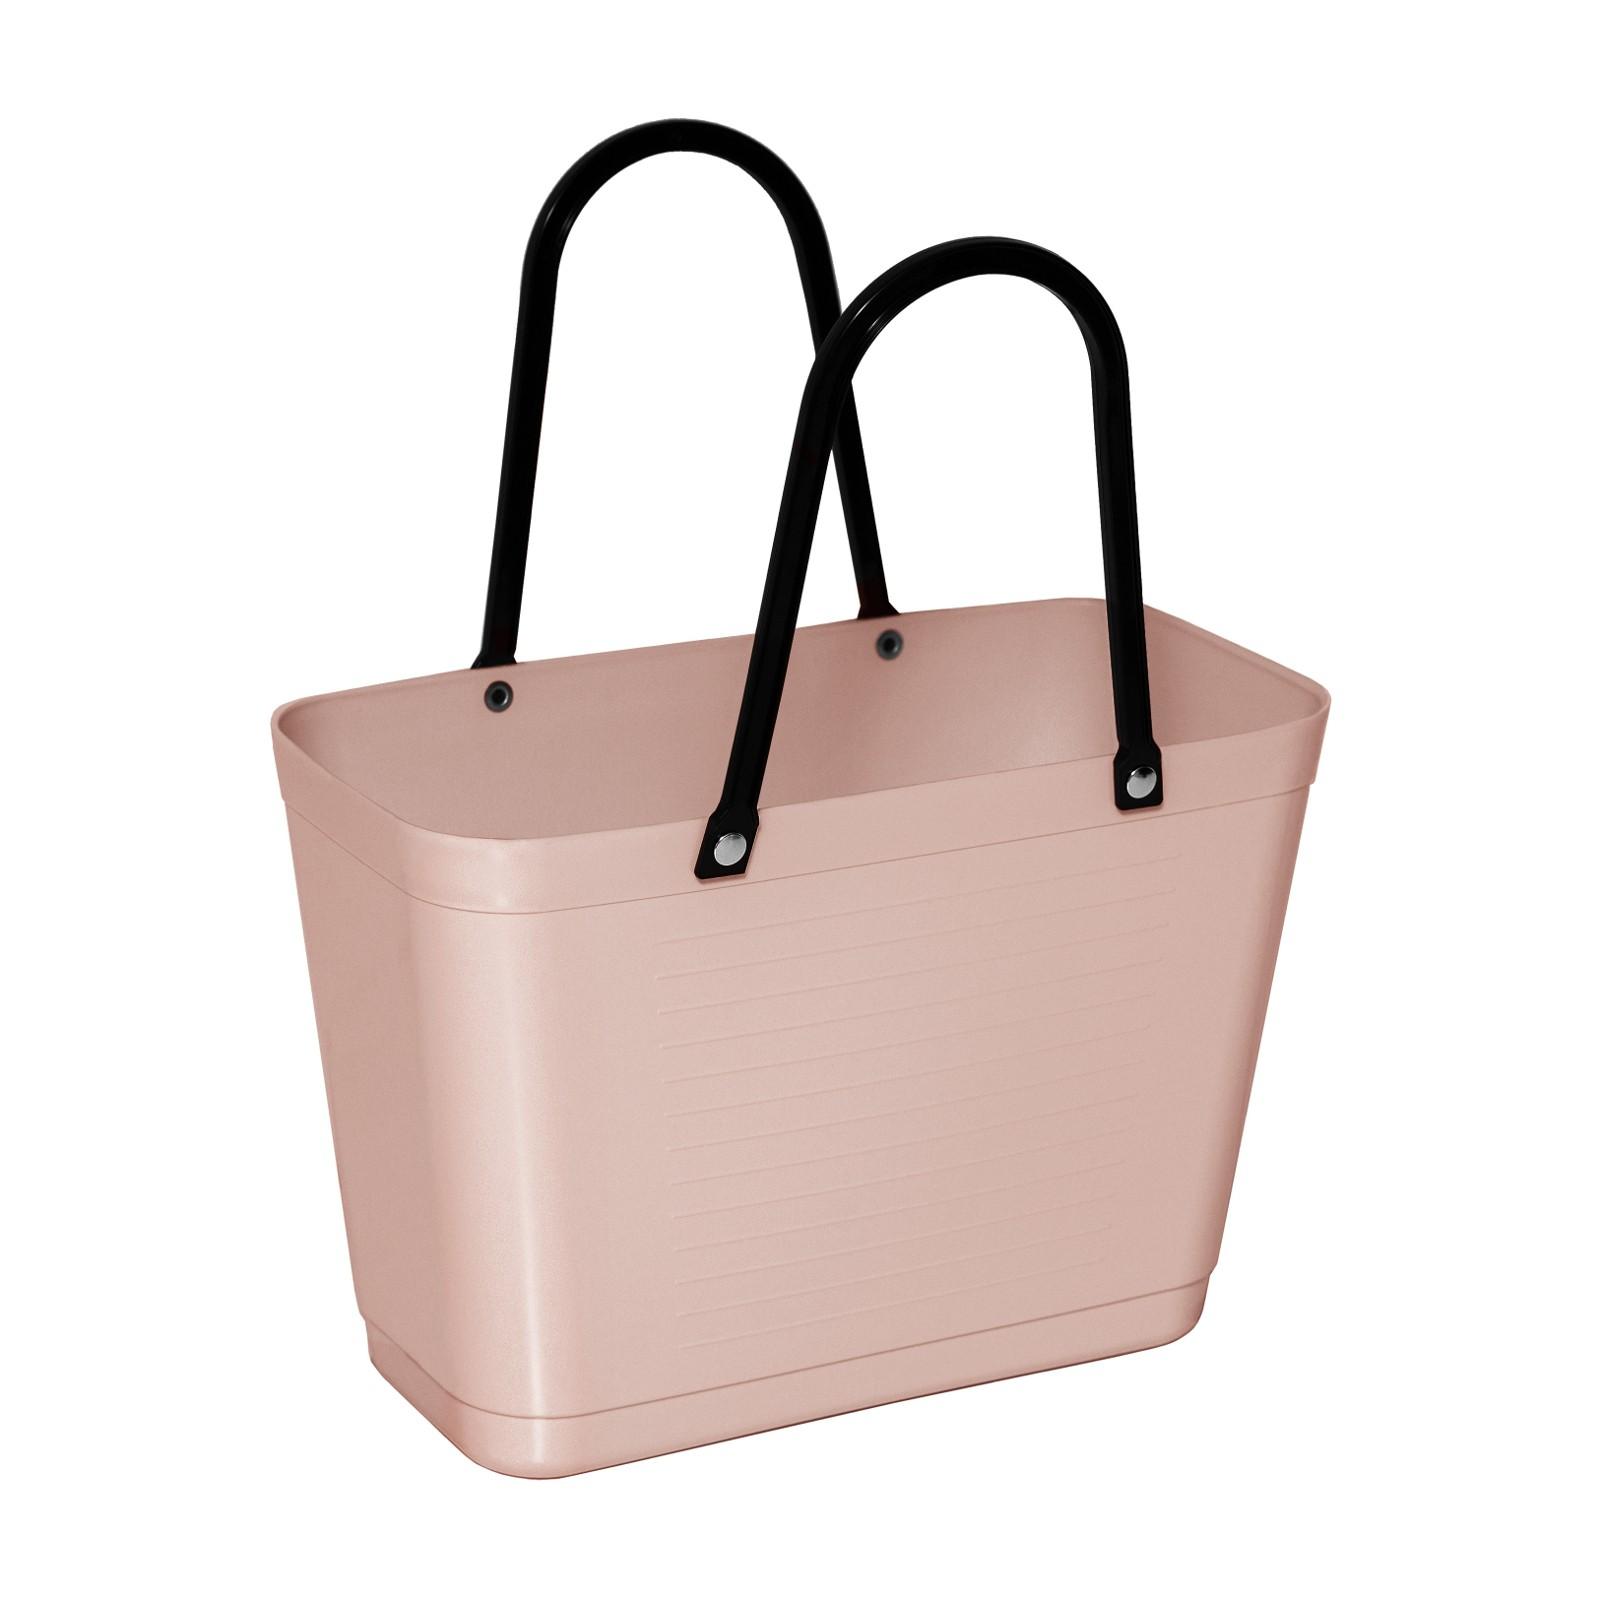 hinza 258-hinza-bag-small-nougat-green-plastic